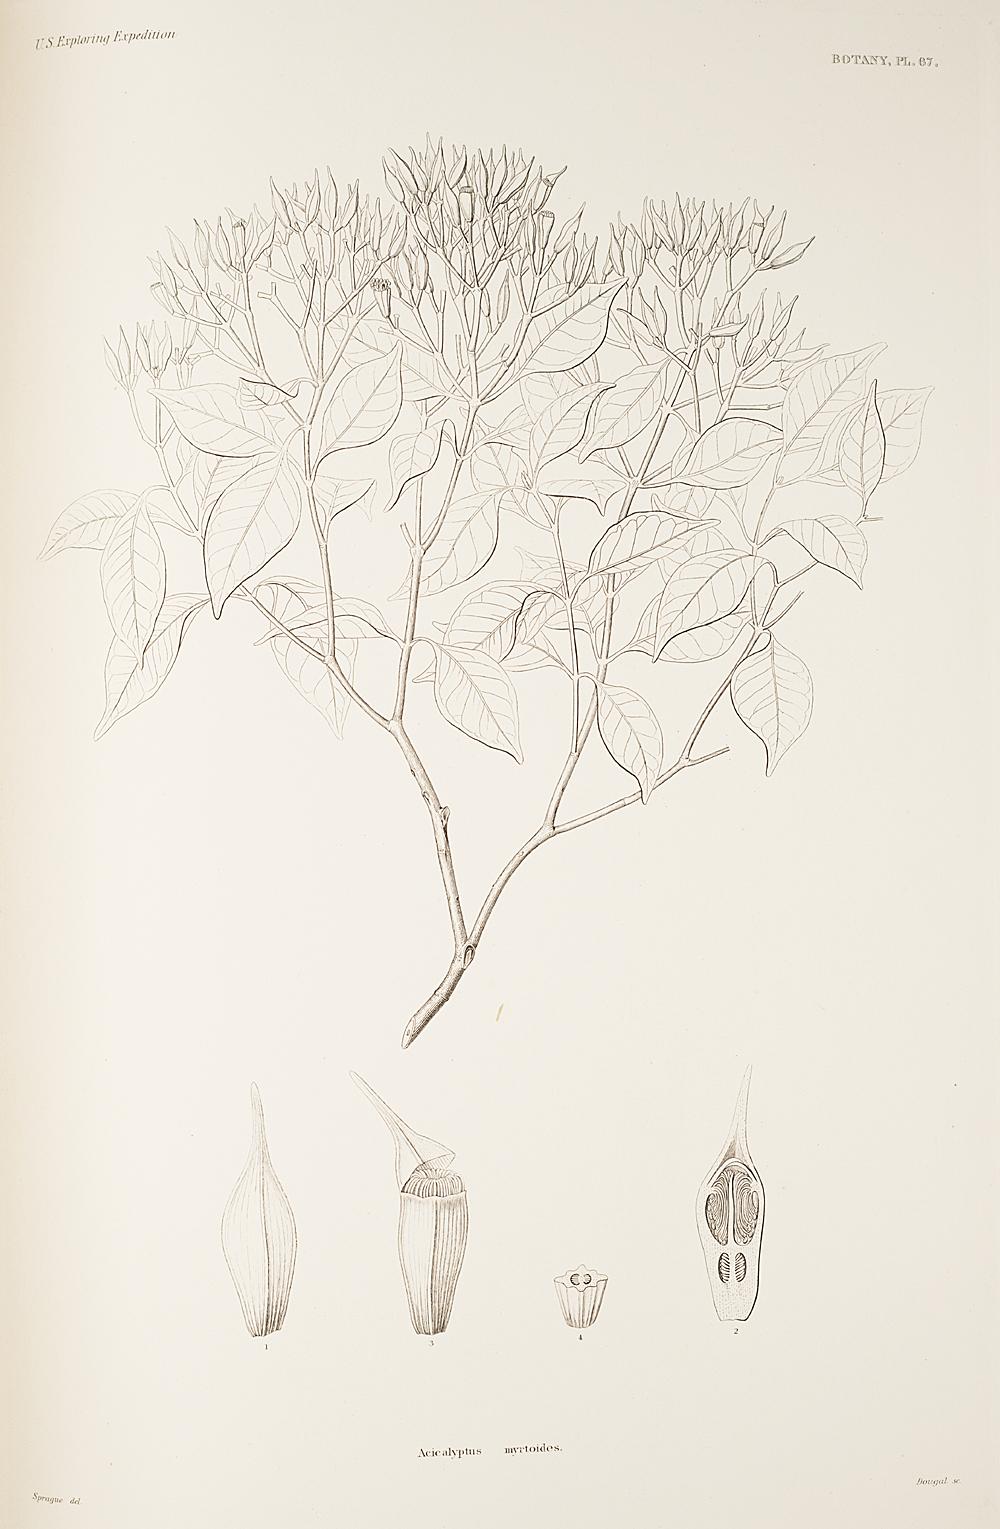 Botany, Pl. 67,  Image number:sil19-23-145b